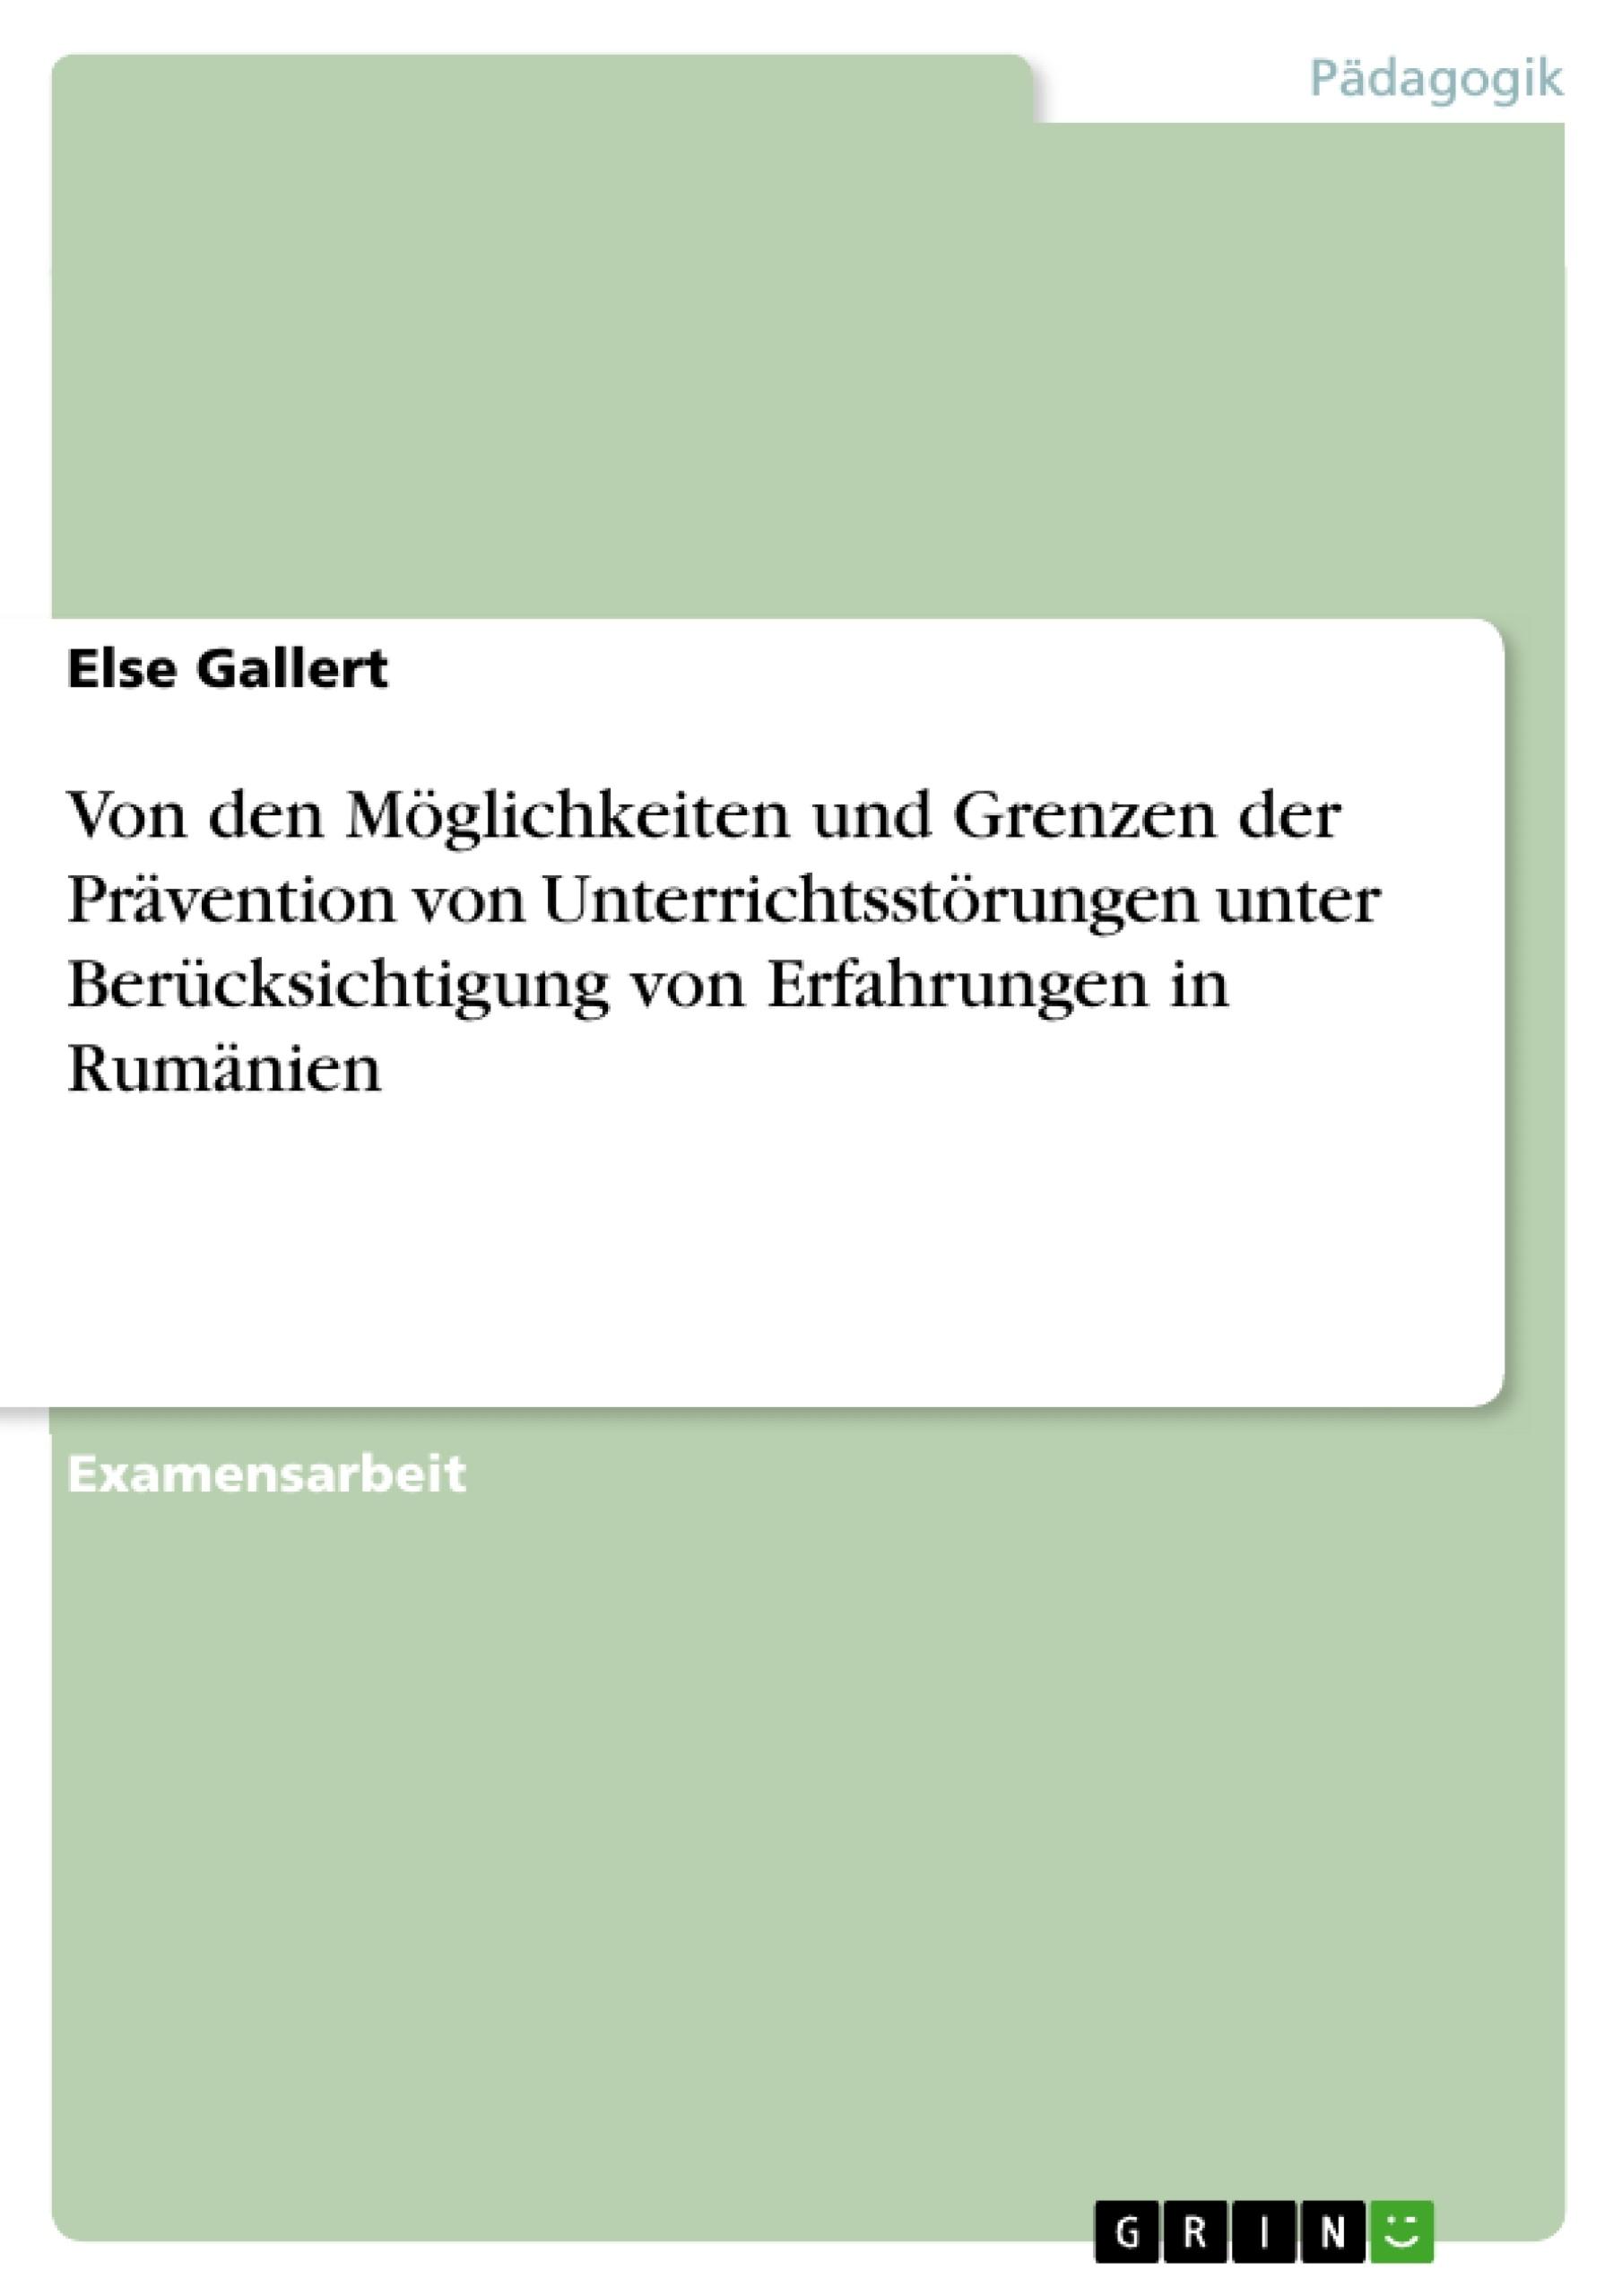 Titel: Von den Möglichkeiten und Grenzen der Prävention von Unterrichtsstörungen unter Berücksichtigung von Erfahrungen in Rumänien